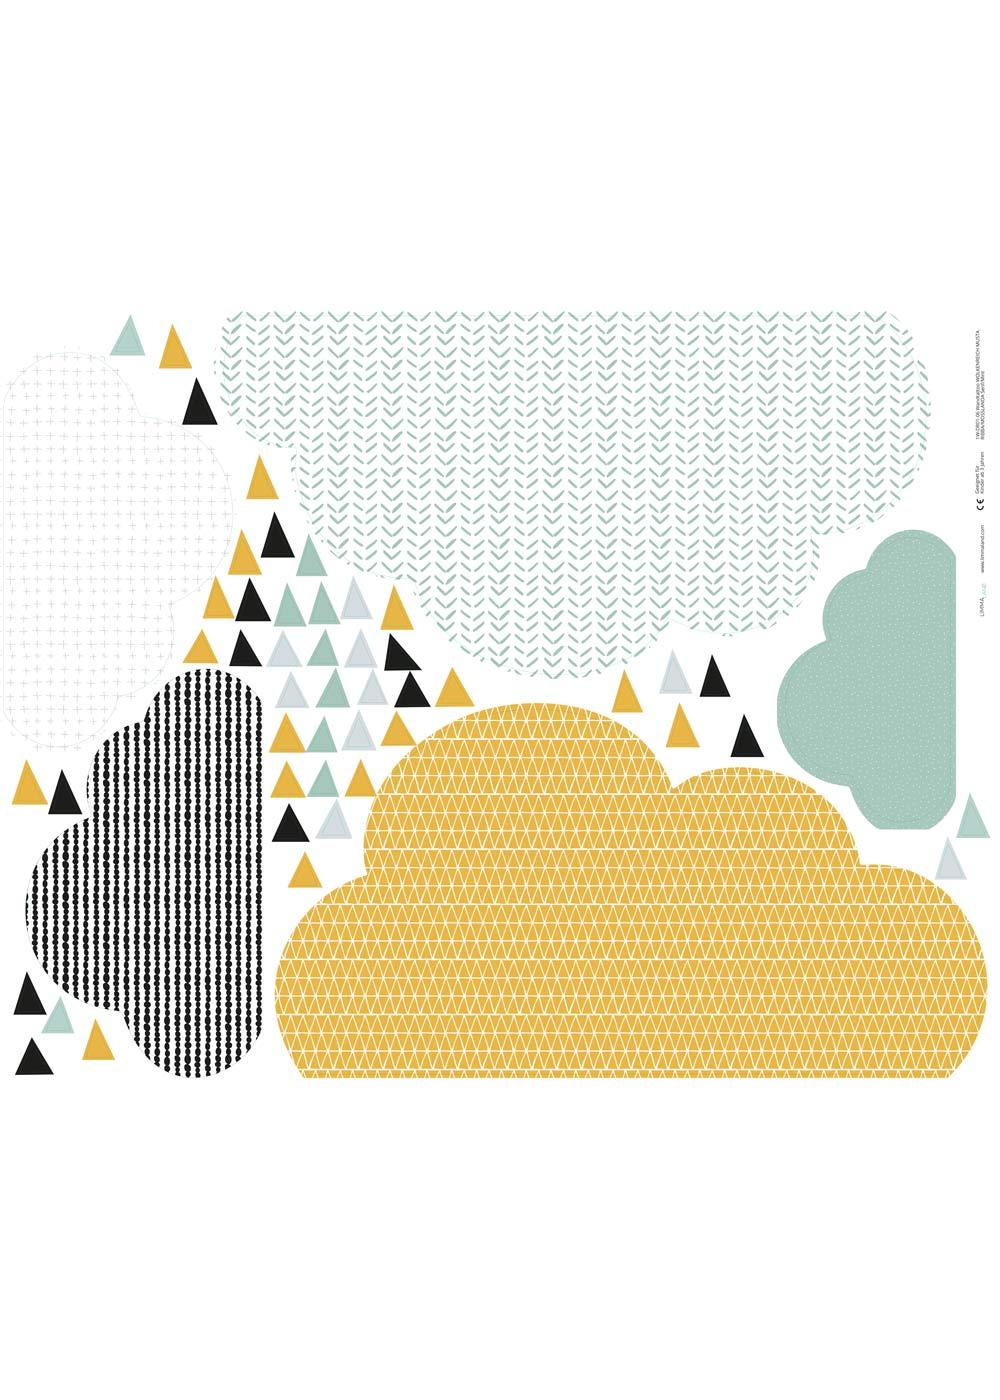 Ikea Mosslanda Bilderleiste Musta Wolken senf  mint Druckvorlage